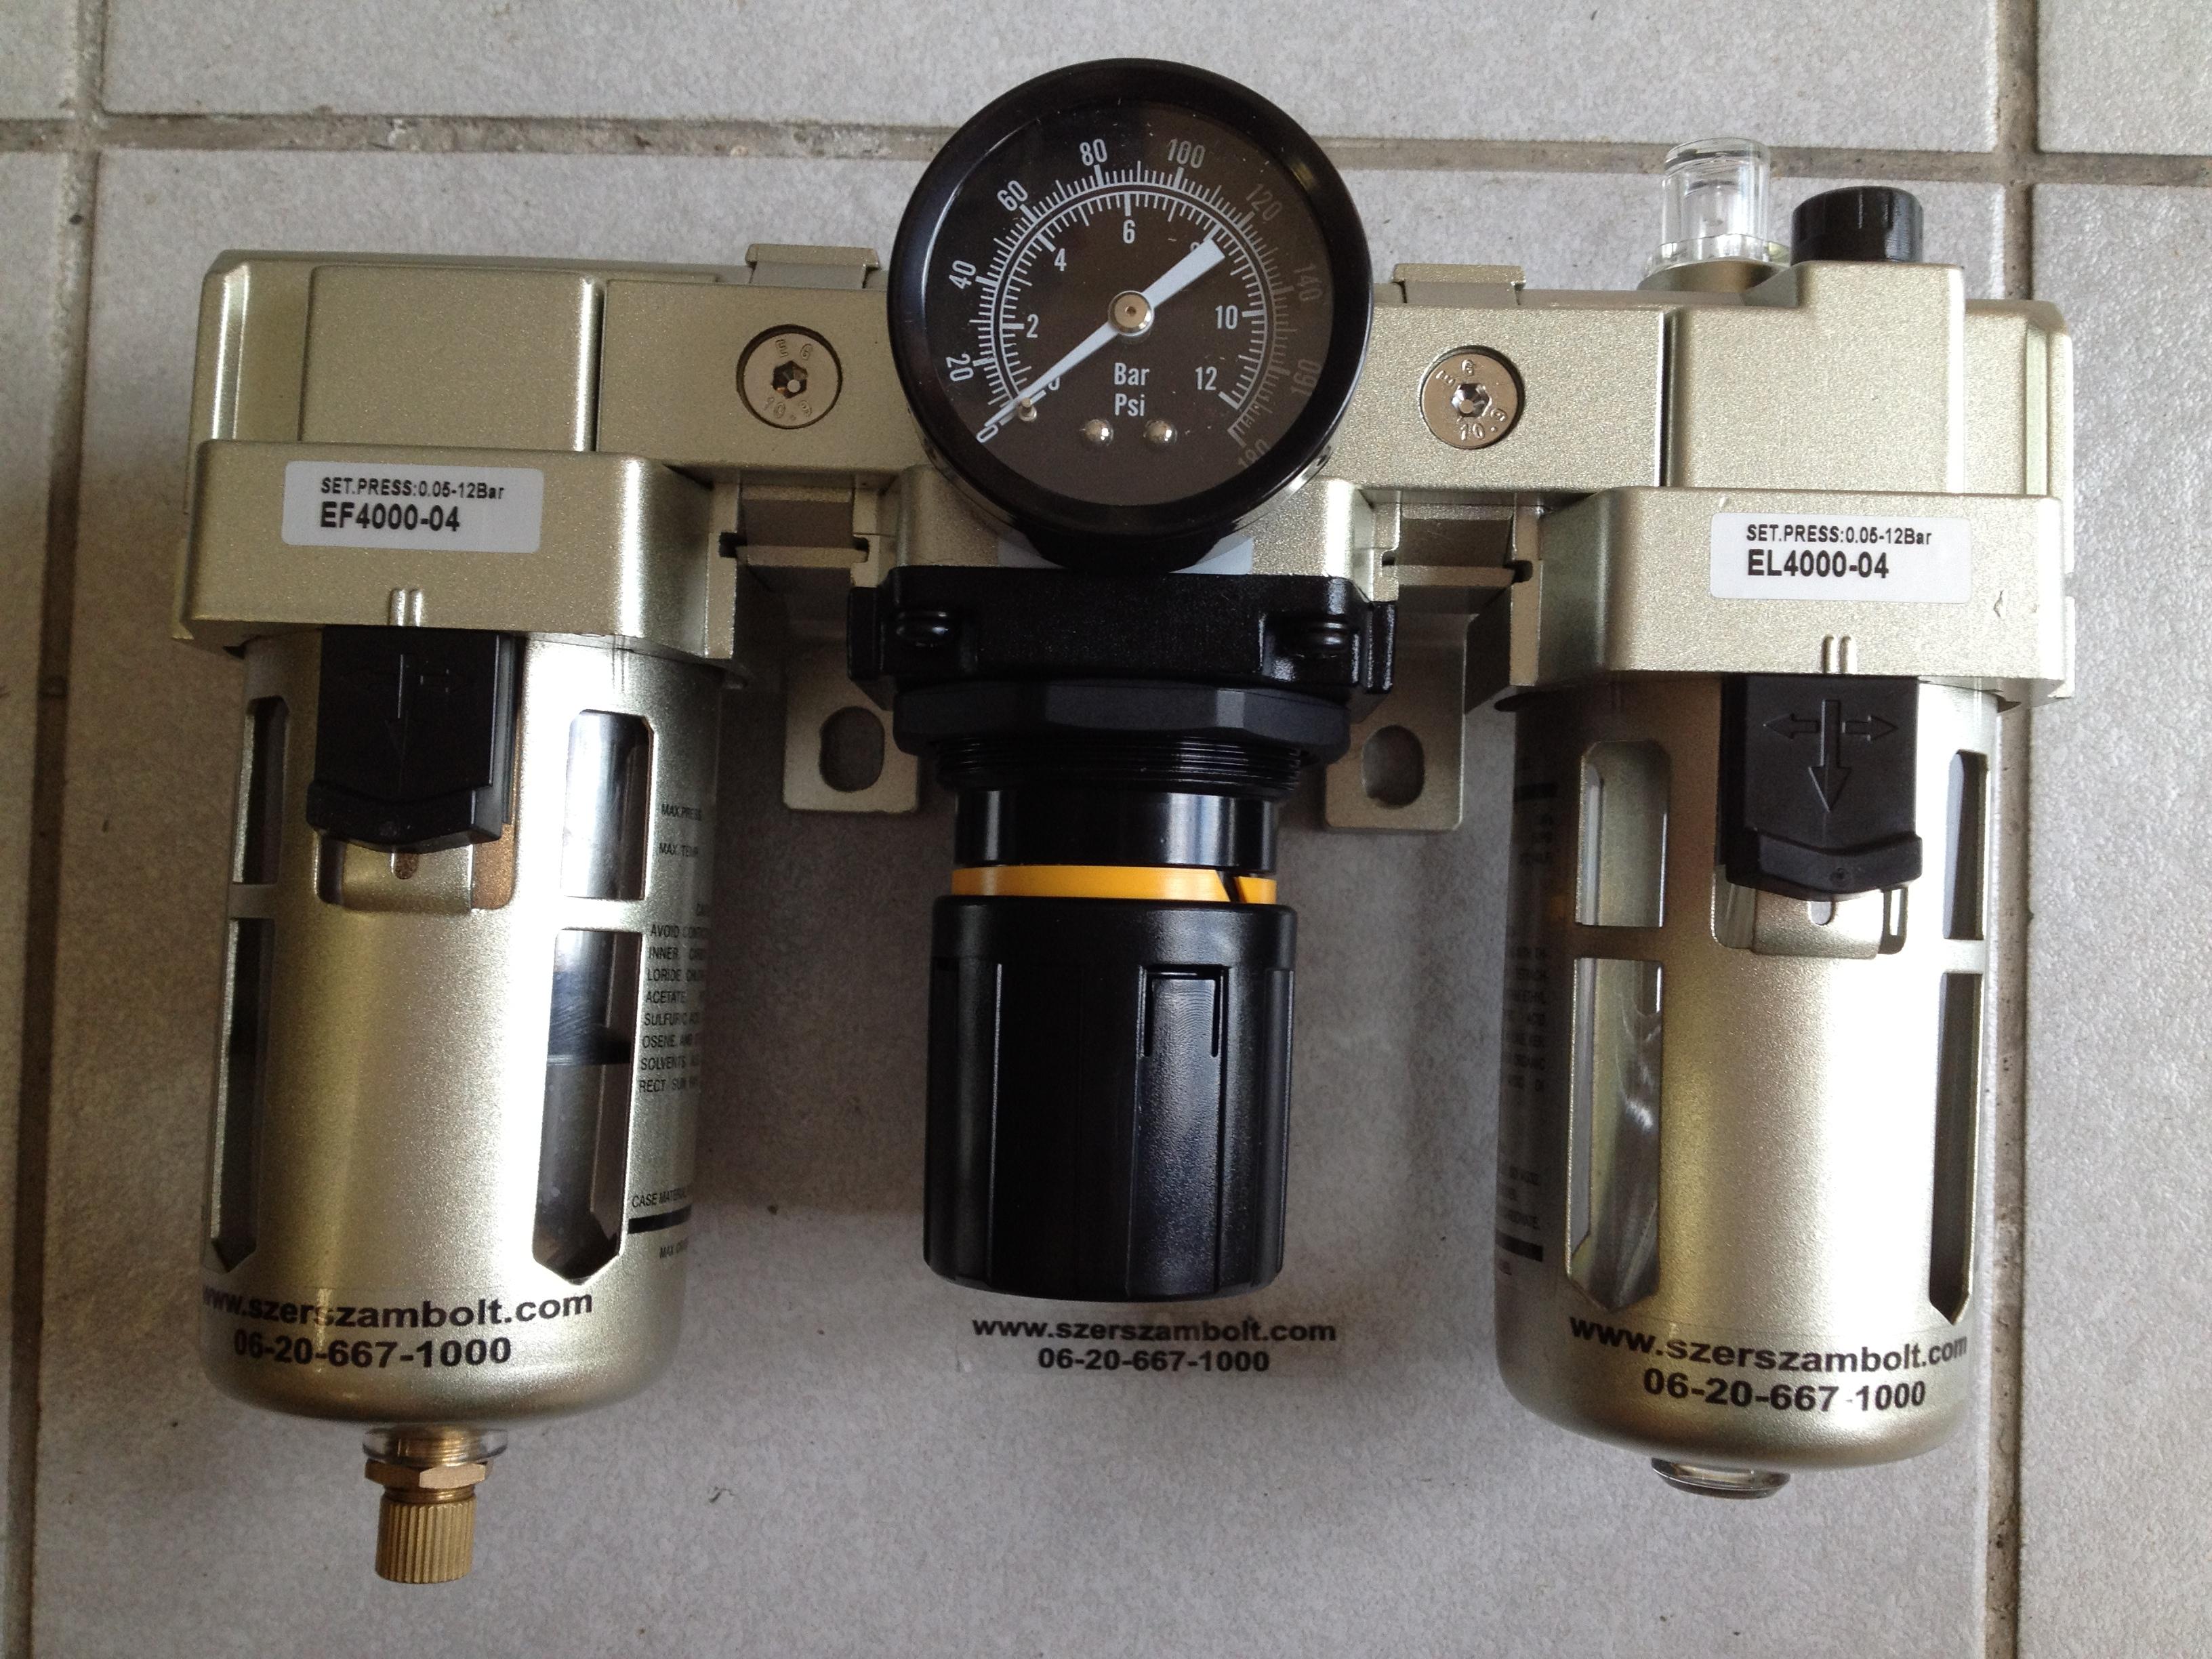 Vízleválasztó, regulátor és olajozó_EC4000-04 (1)